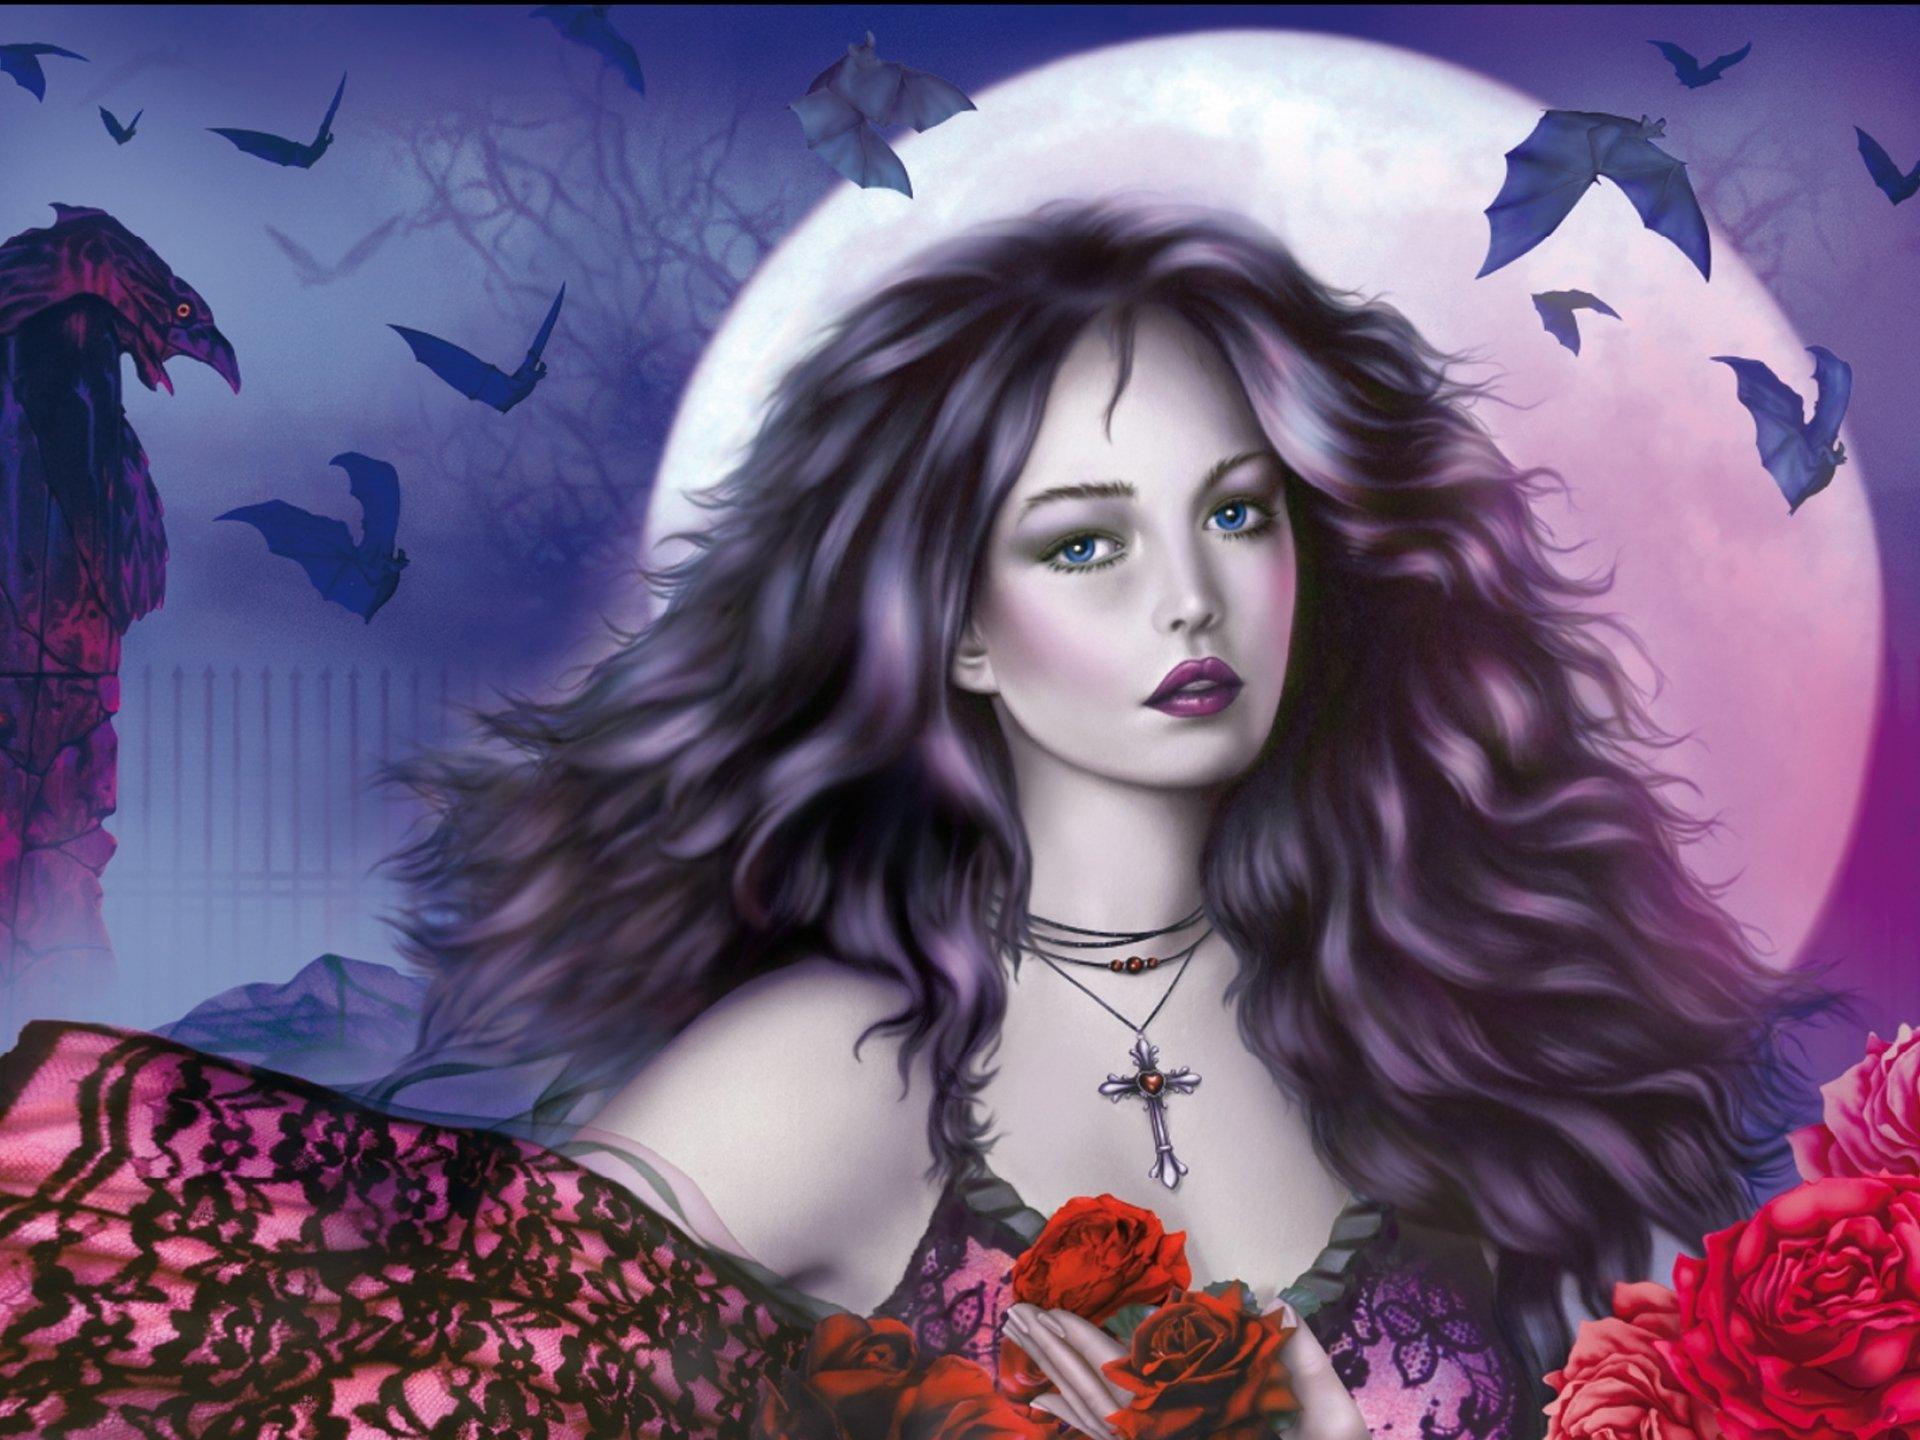 wallpaper 1920x1440 px art artwork dark evil fantasy girl